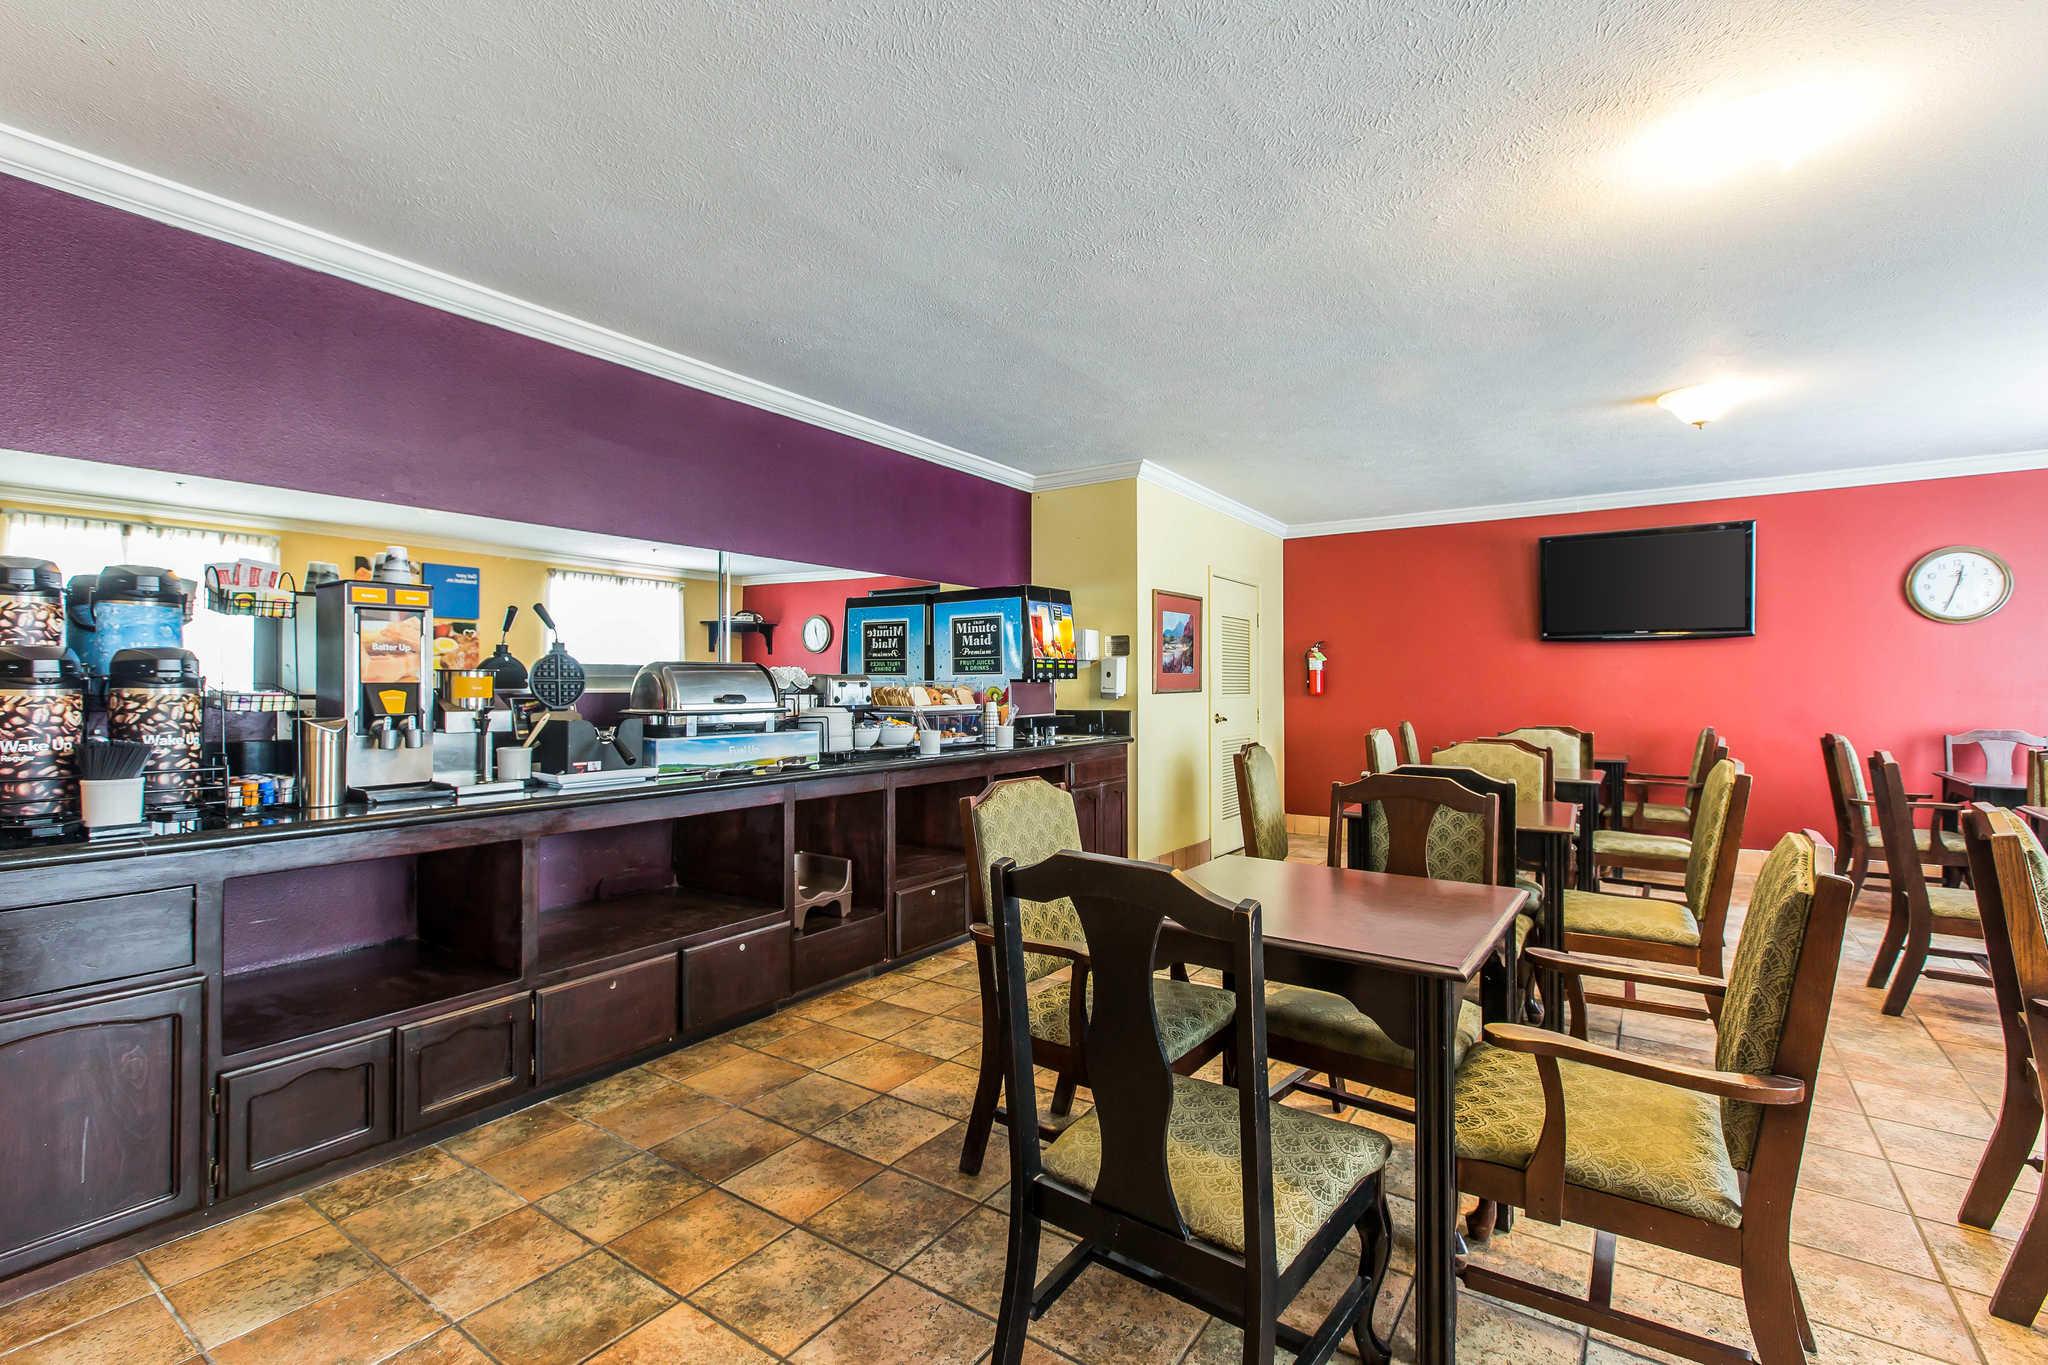 Comfort Inn & Suites El Centro I-8 image 30